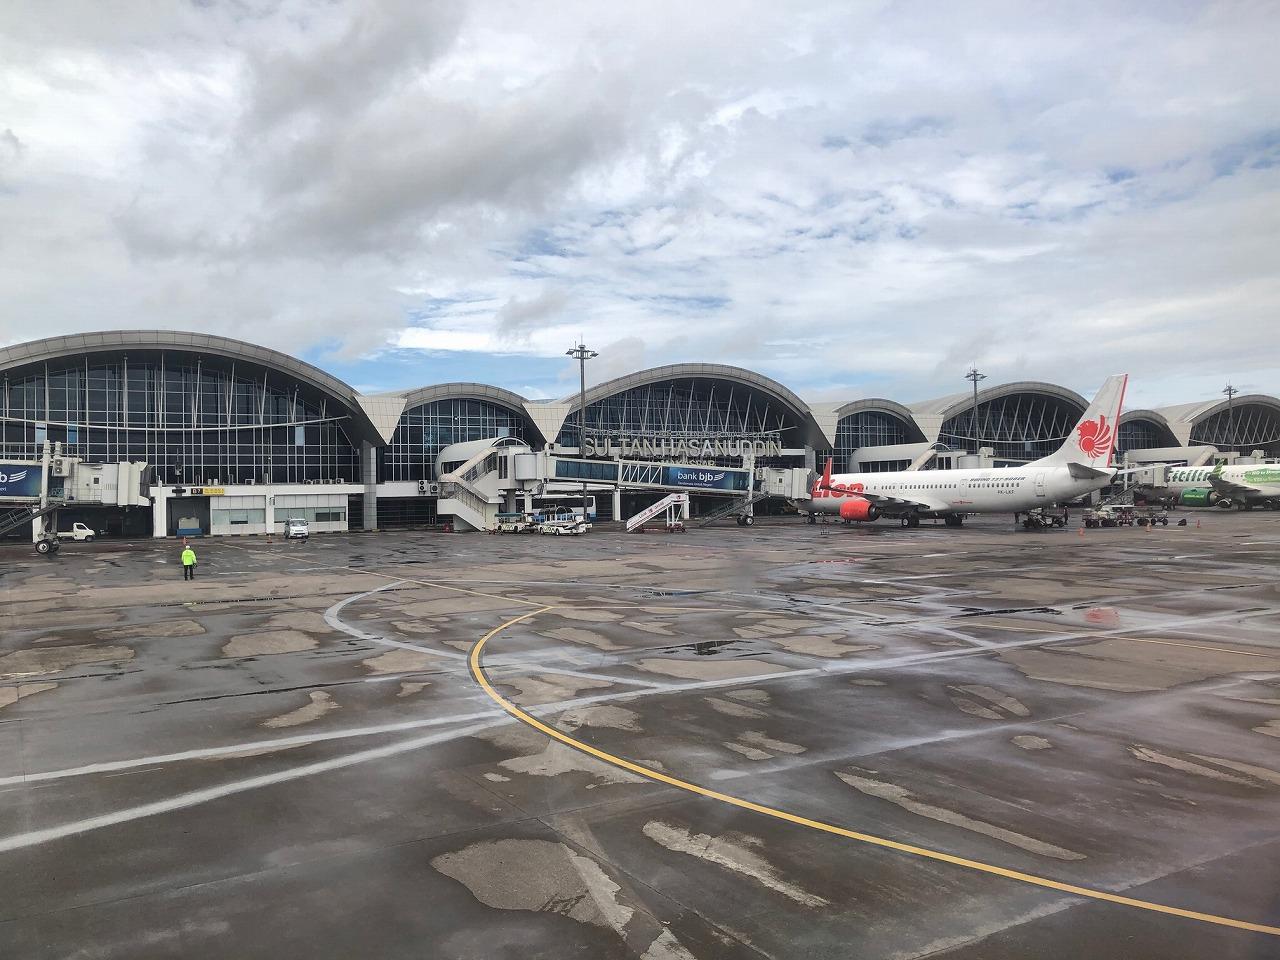 マカッサル空港全景